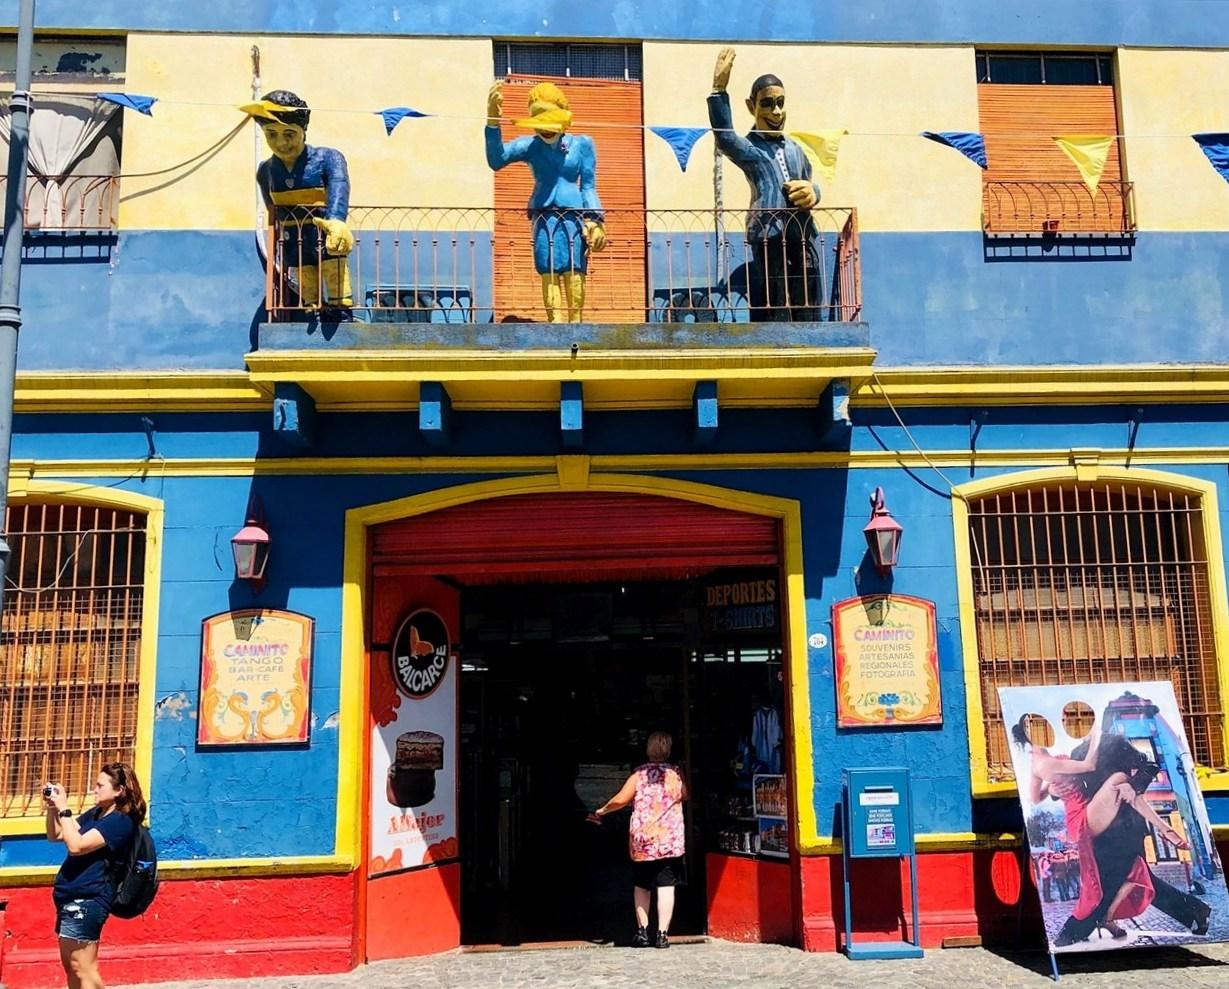 """中南米の旅/42 カラフル過ぎる街""""ボカ地区""""カミニート@ブエノスアイレス_a0092659_22373785.jpg"""